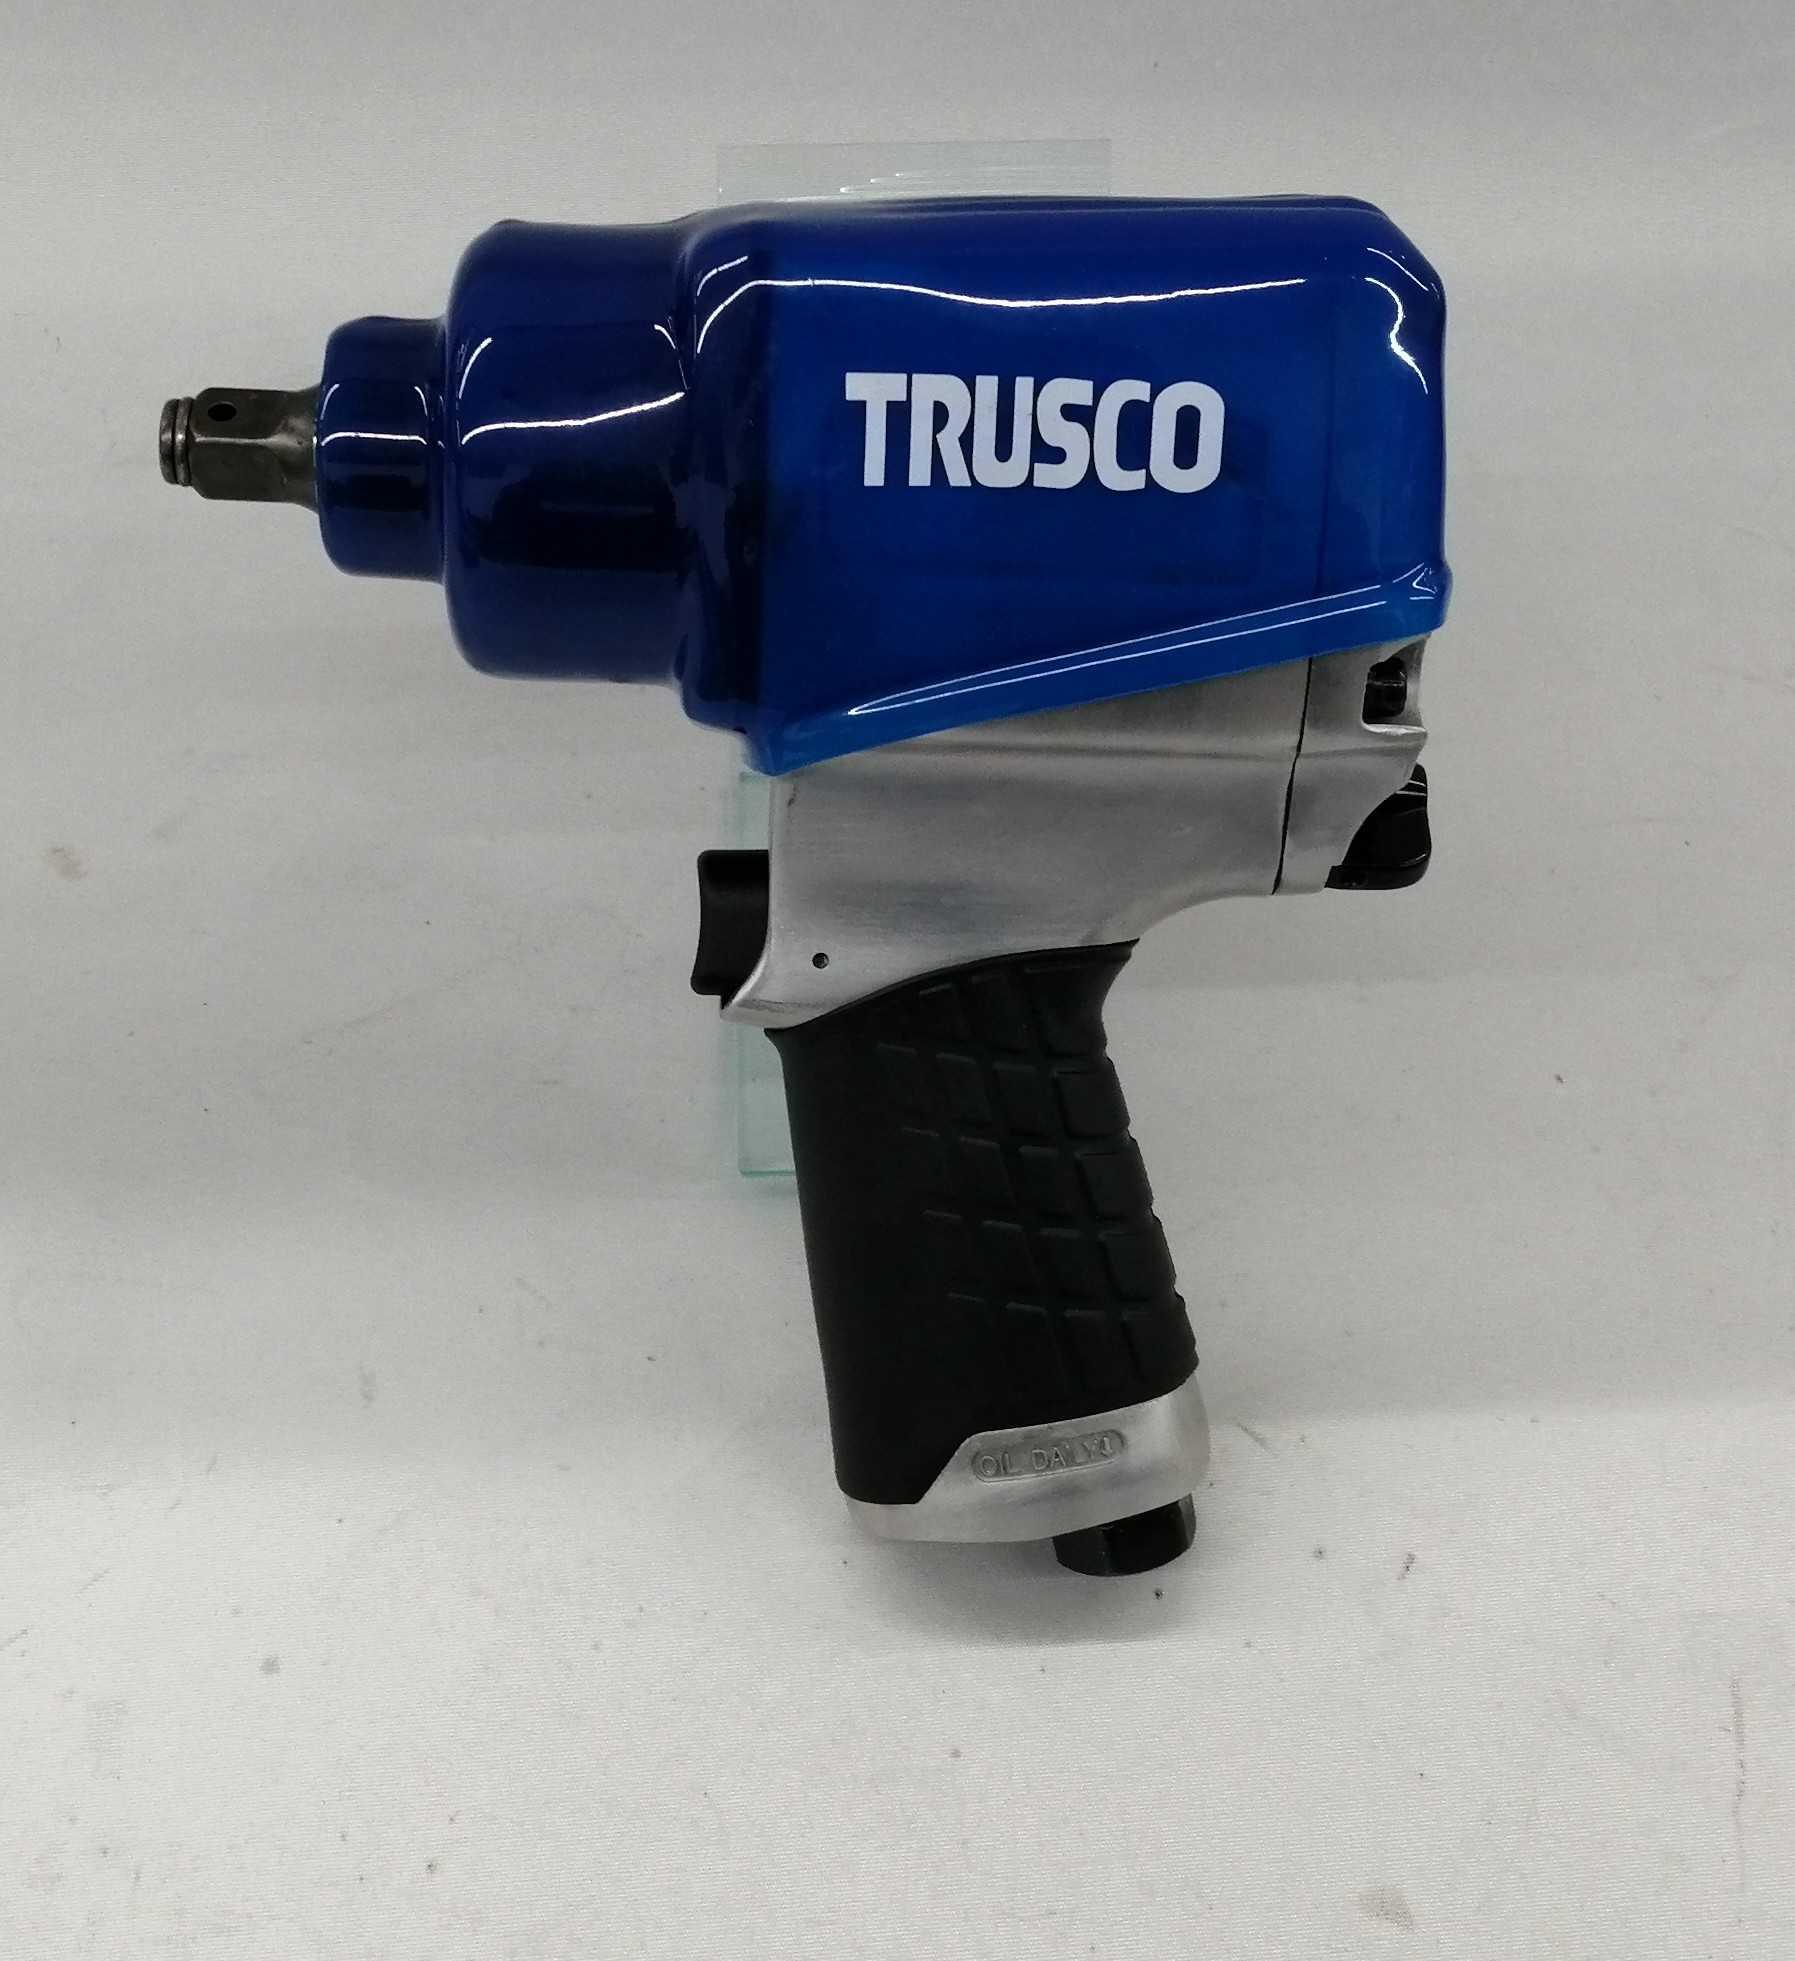 エアーインパクトレンチ|TRUSCO